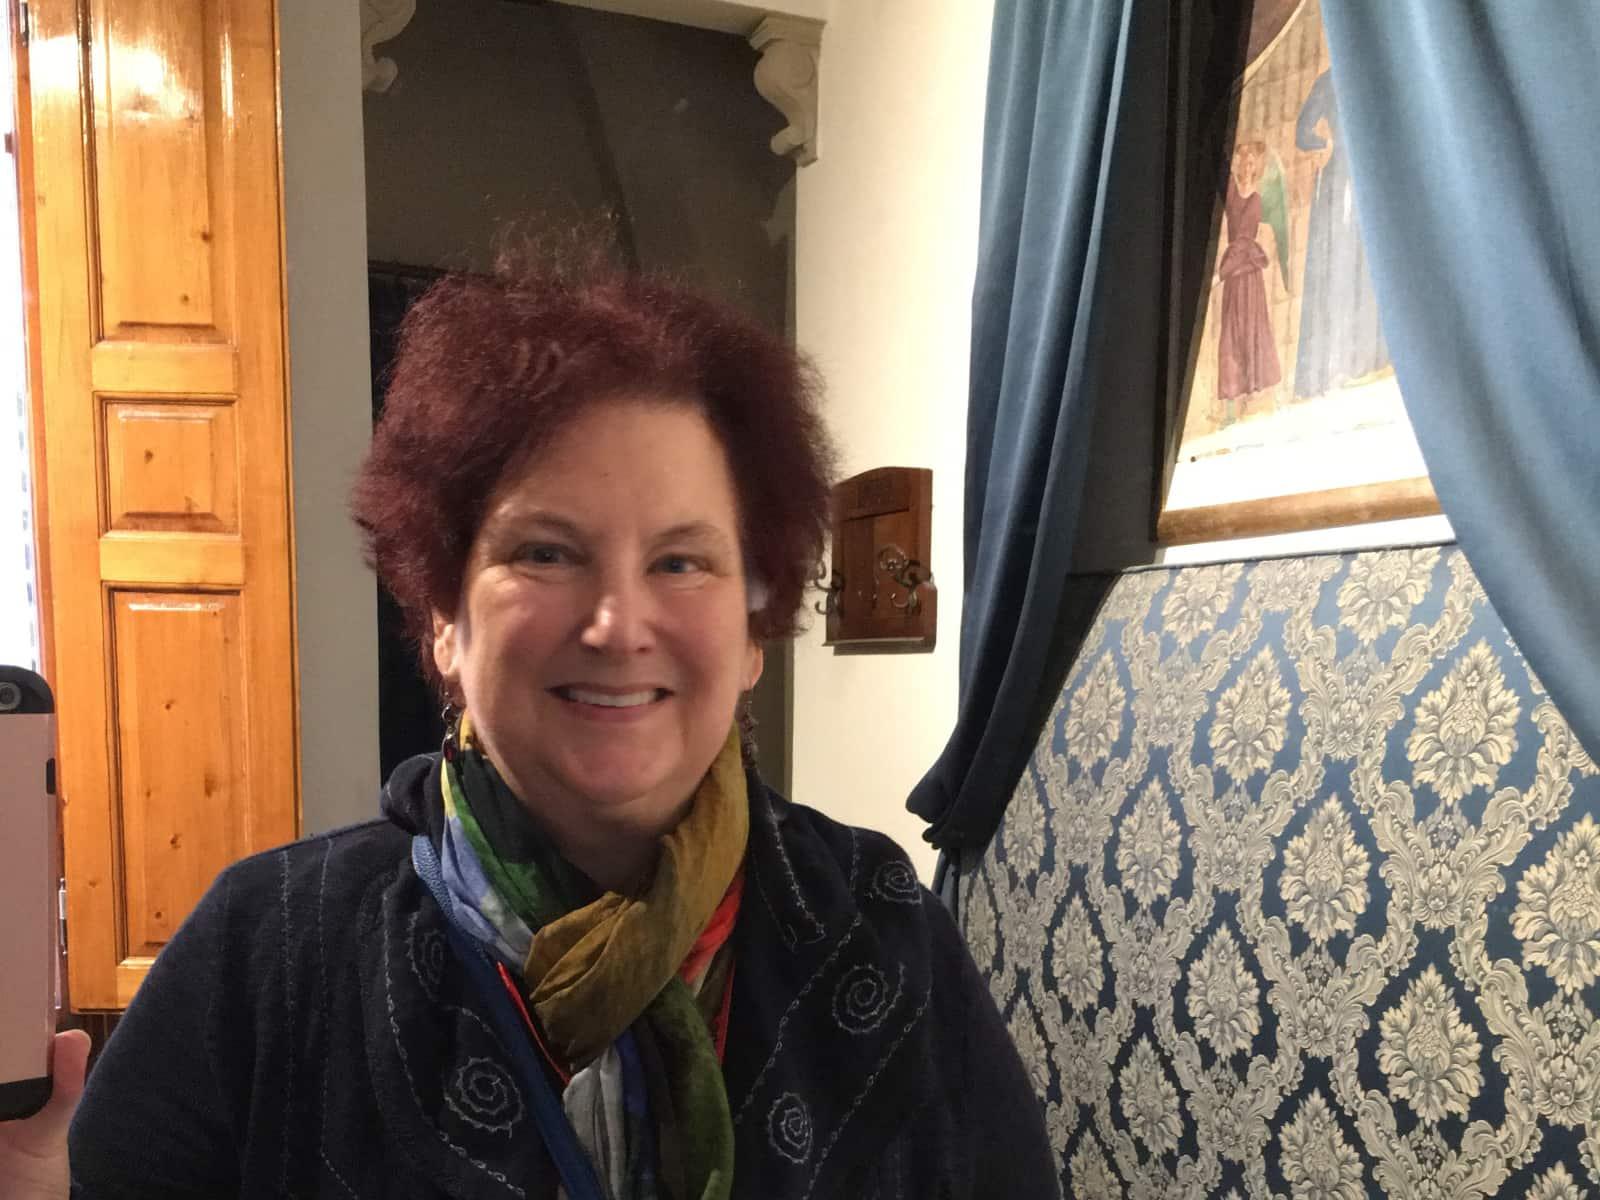 Peggy from Lenexa, Kansas, United States